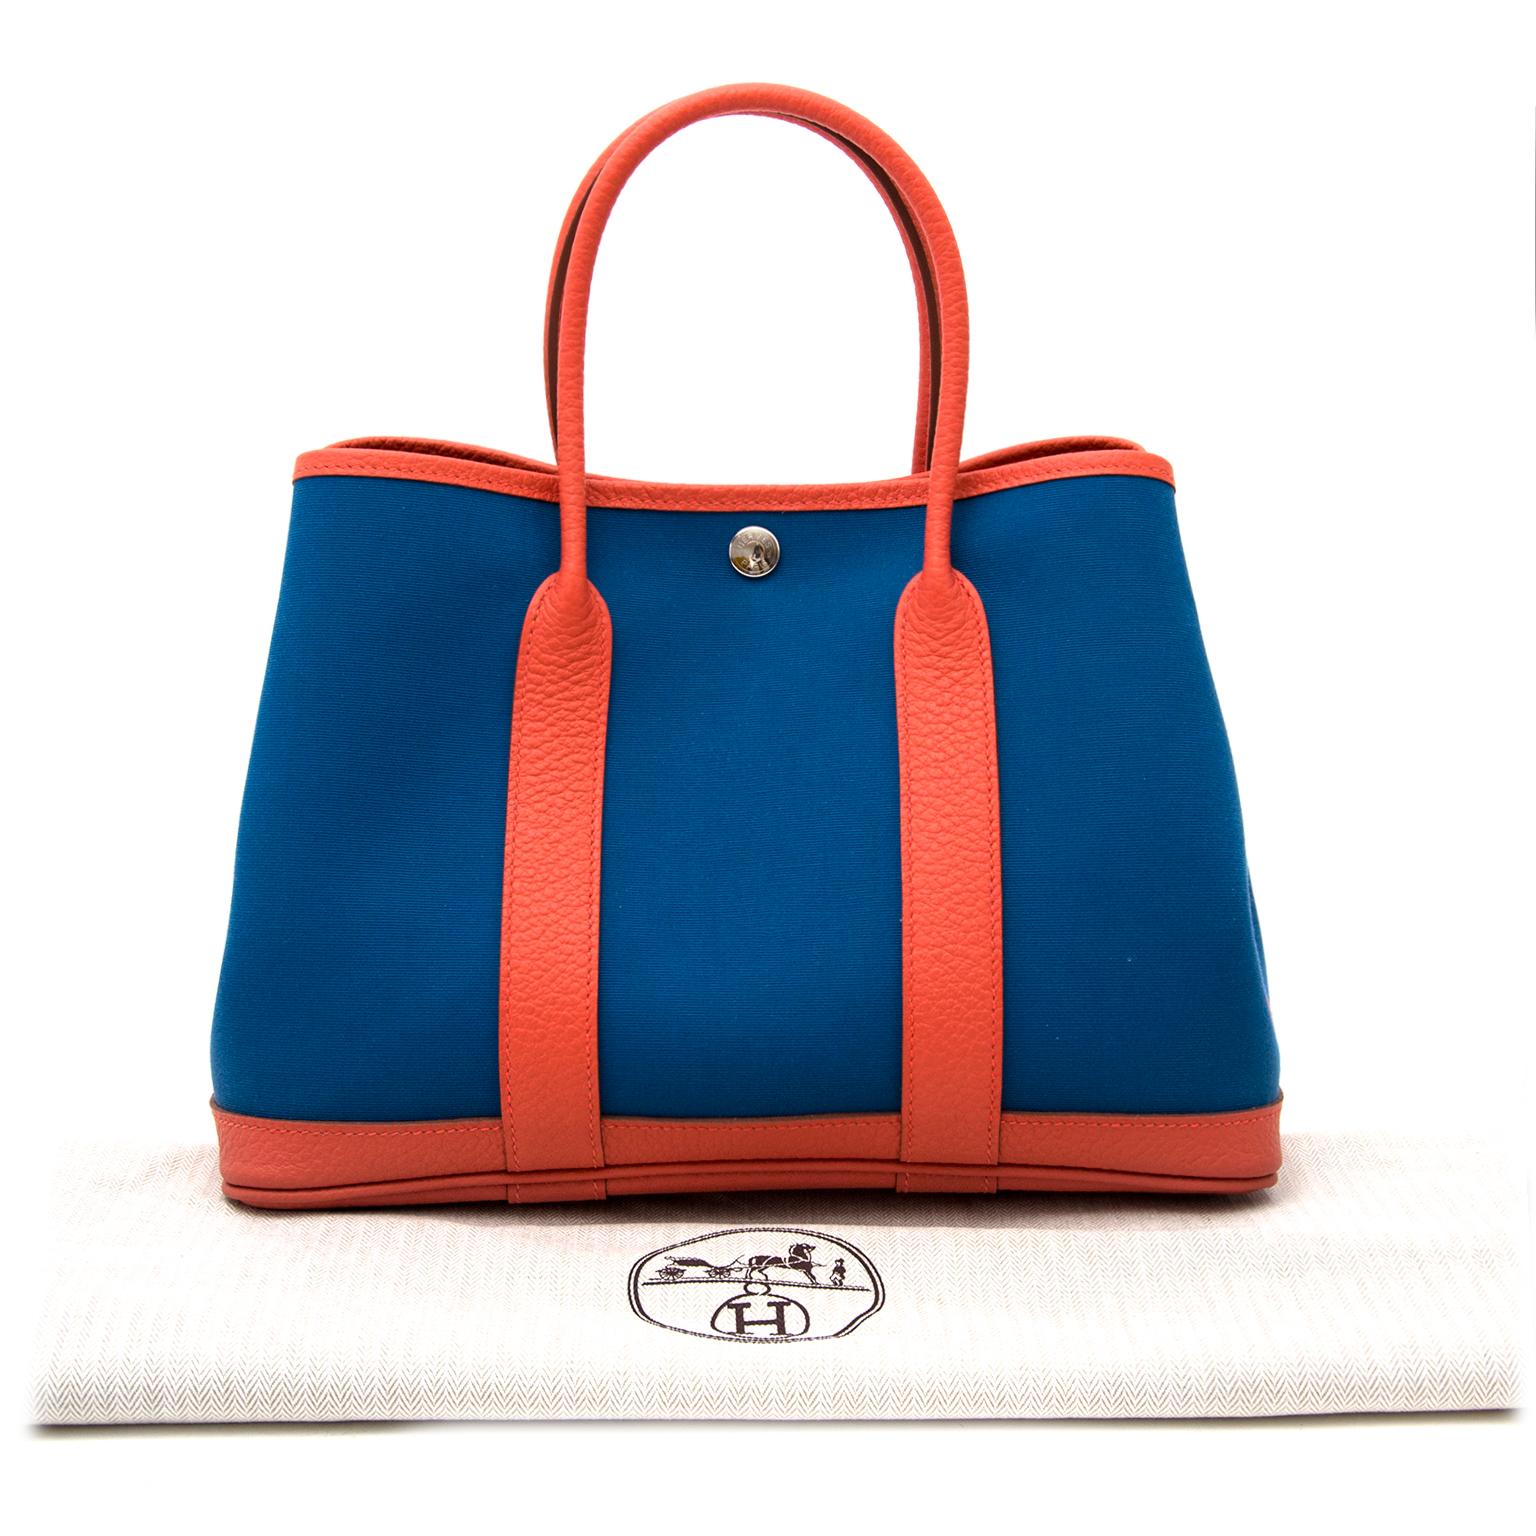 056f2c0a62d1 Labellov Shop safe online  authentic vintage Chanel clothes